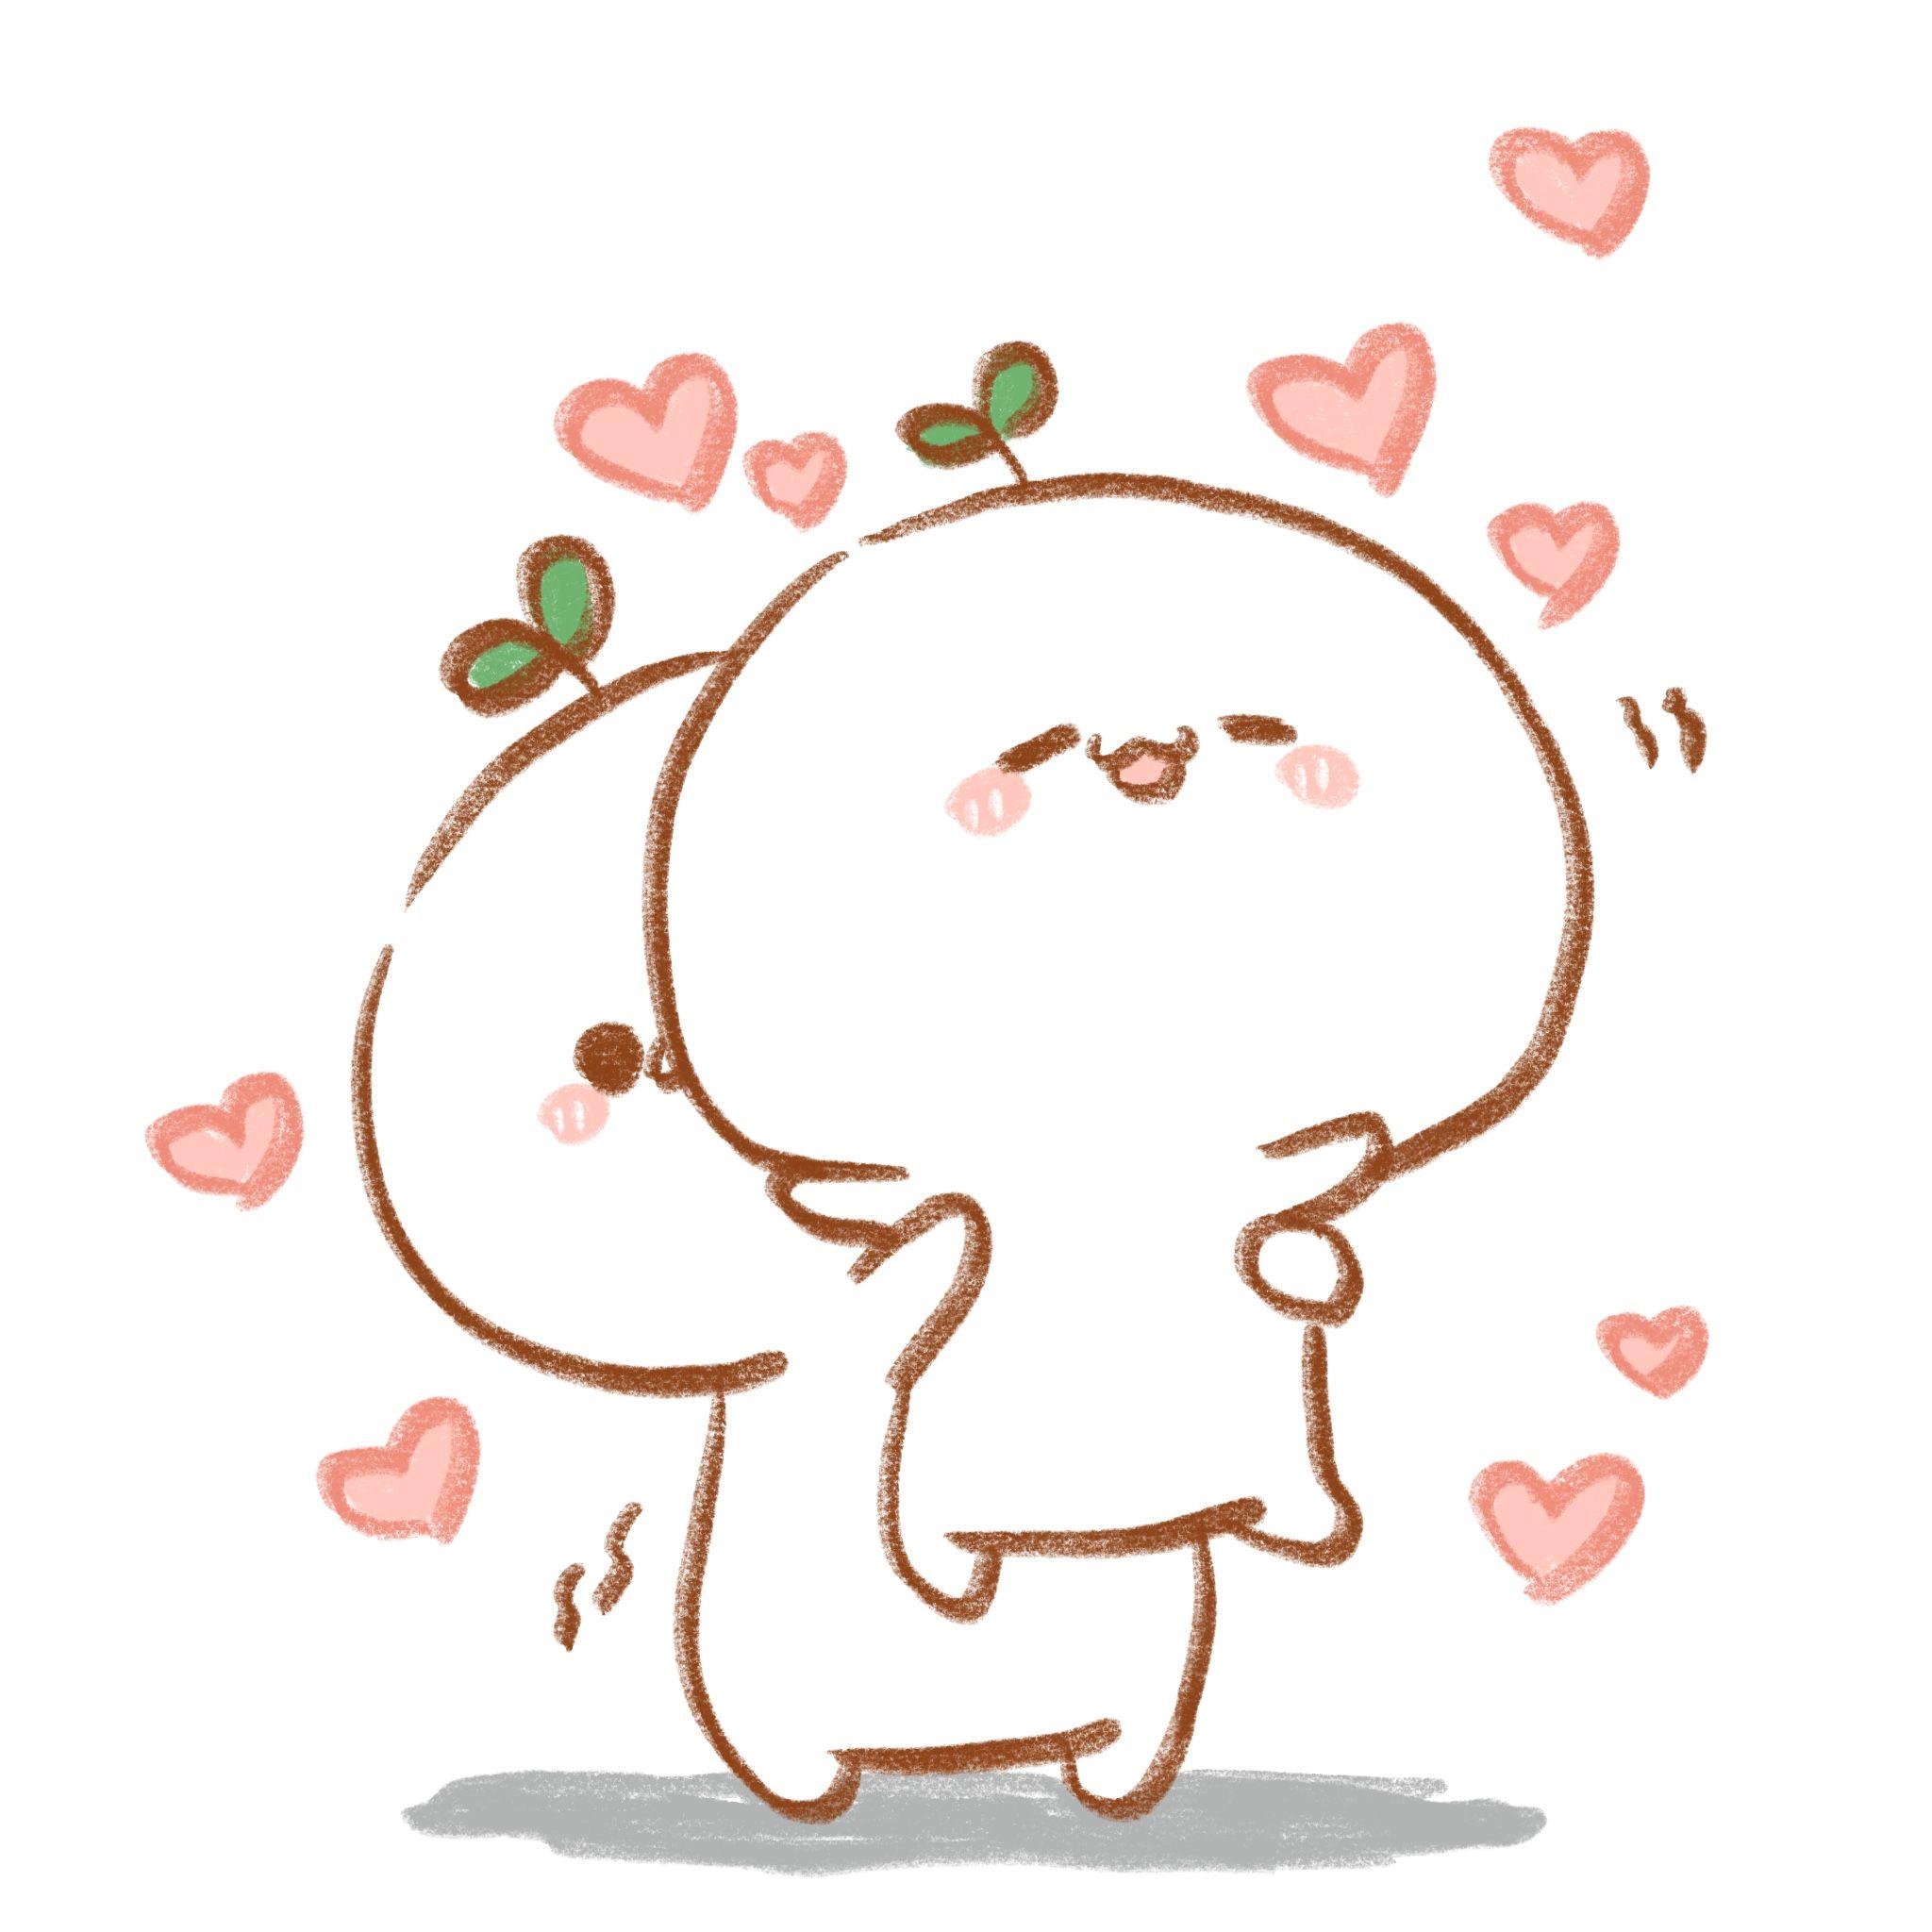 Ghim của Vịt méo🦆 trên Lucu Anime, Đang yêu, Dễ thương